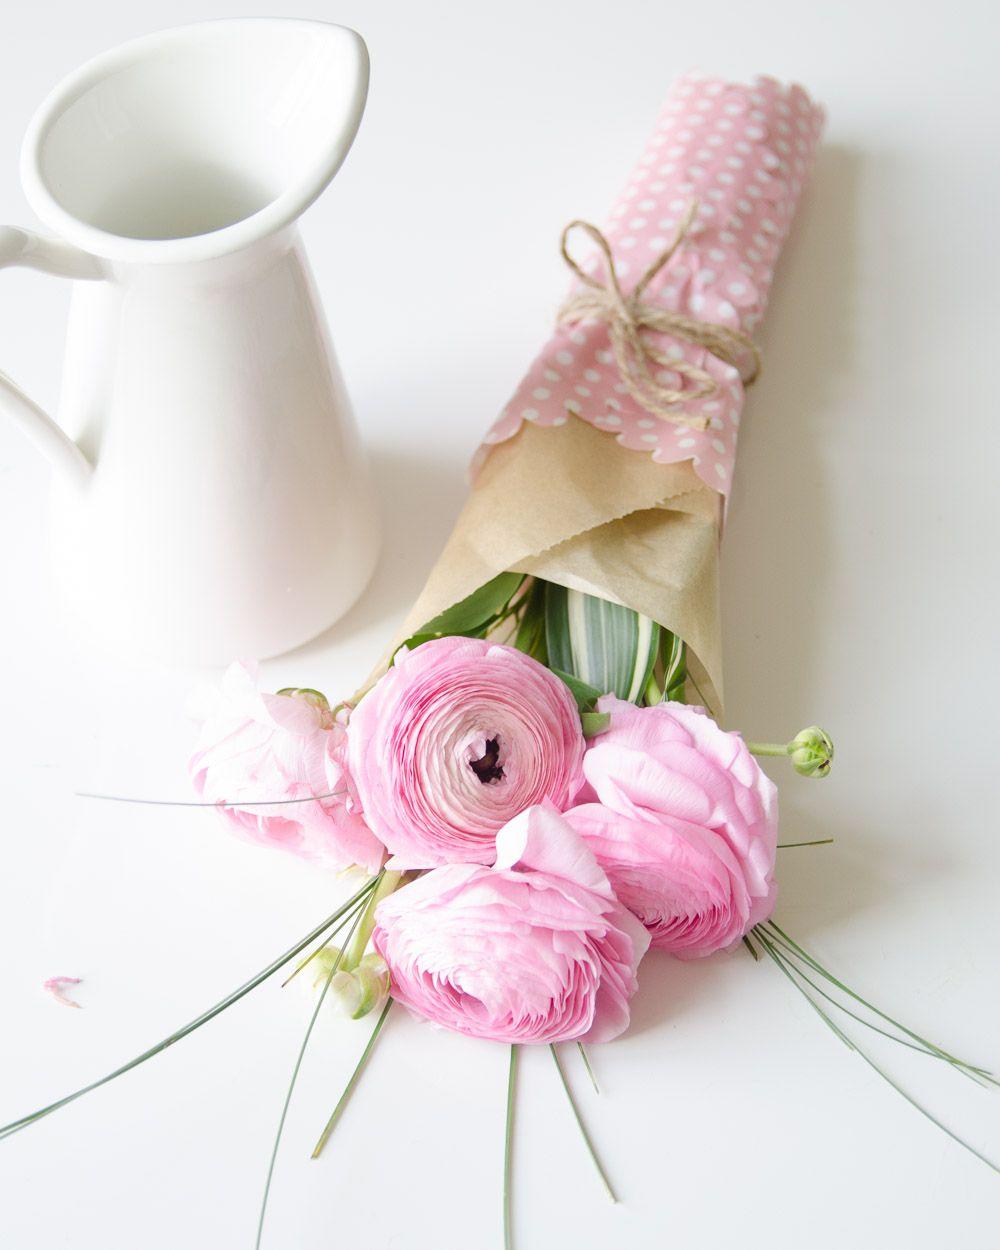 Nie Mam W Domu Zadnych Kwiatow Doniczkowych Oprocz 3 Malych Kaktusow Ale To Sie Nie Liczy Dlatego Zawsze Z Prz Felt Bouquet Bouquet Wrap Flower Arrangements